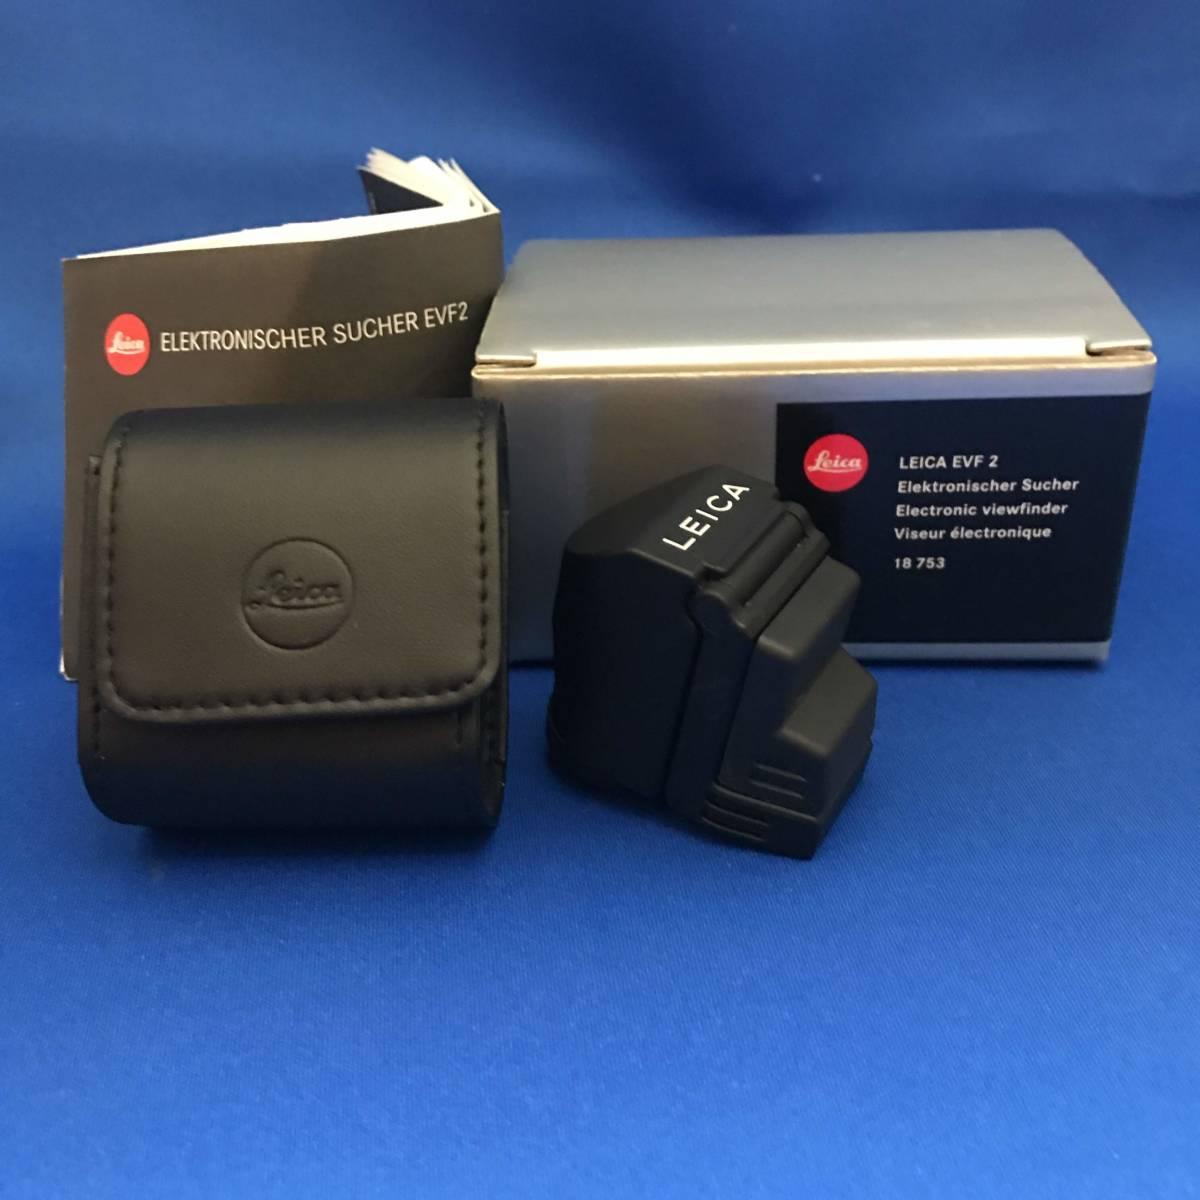 ライカ Leica 18753 EVF2 電子ビューファインダー 極美品 ケース 取説 元箱 送料無料 カバー付き